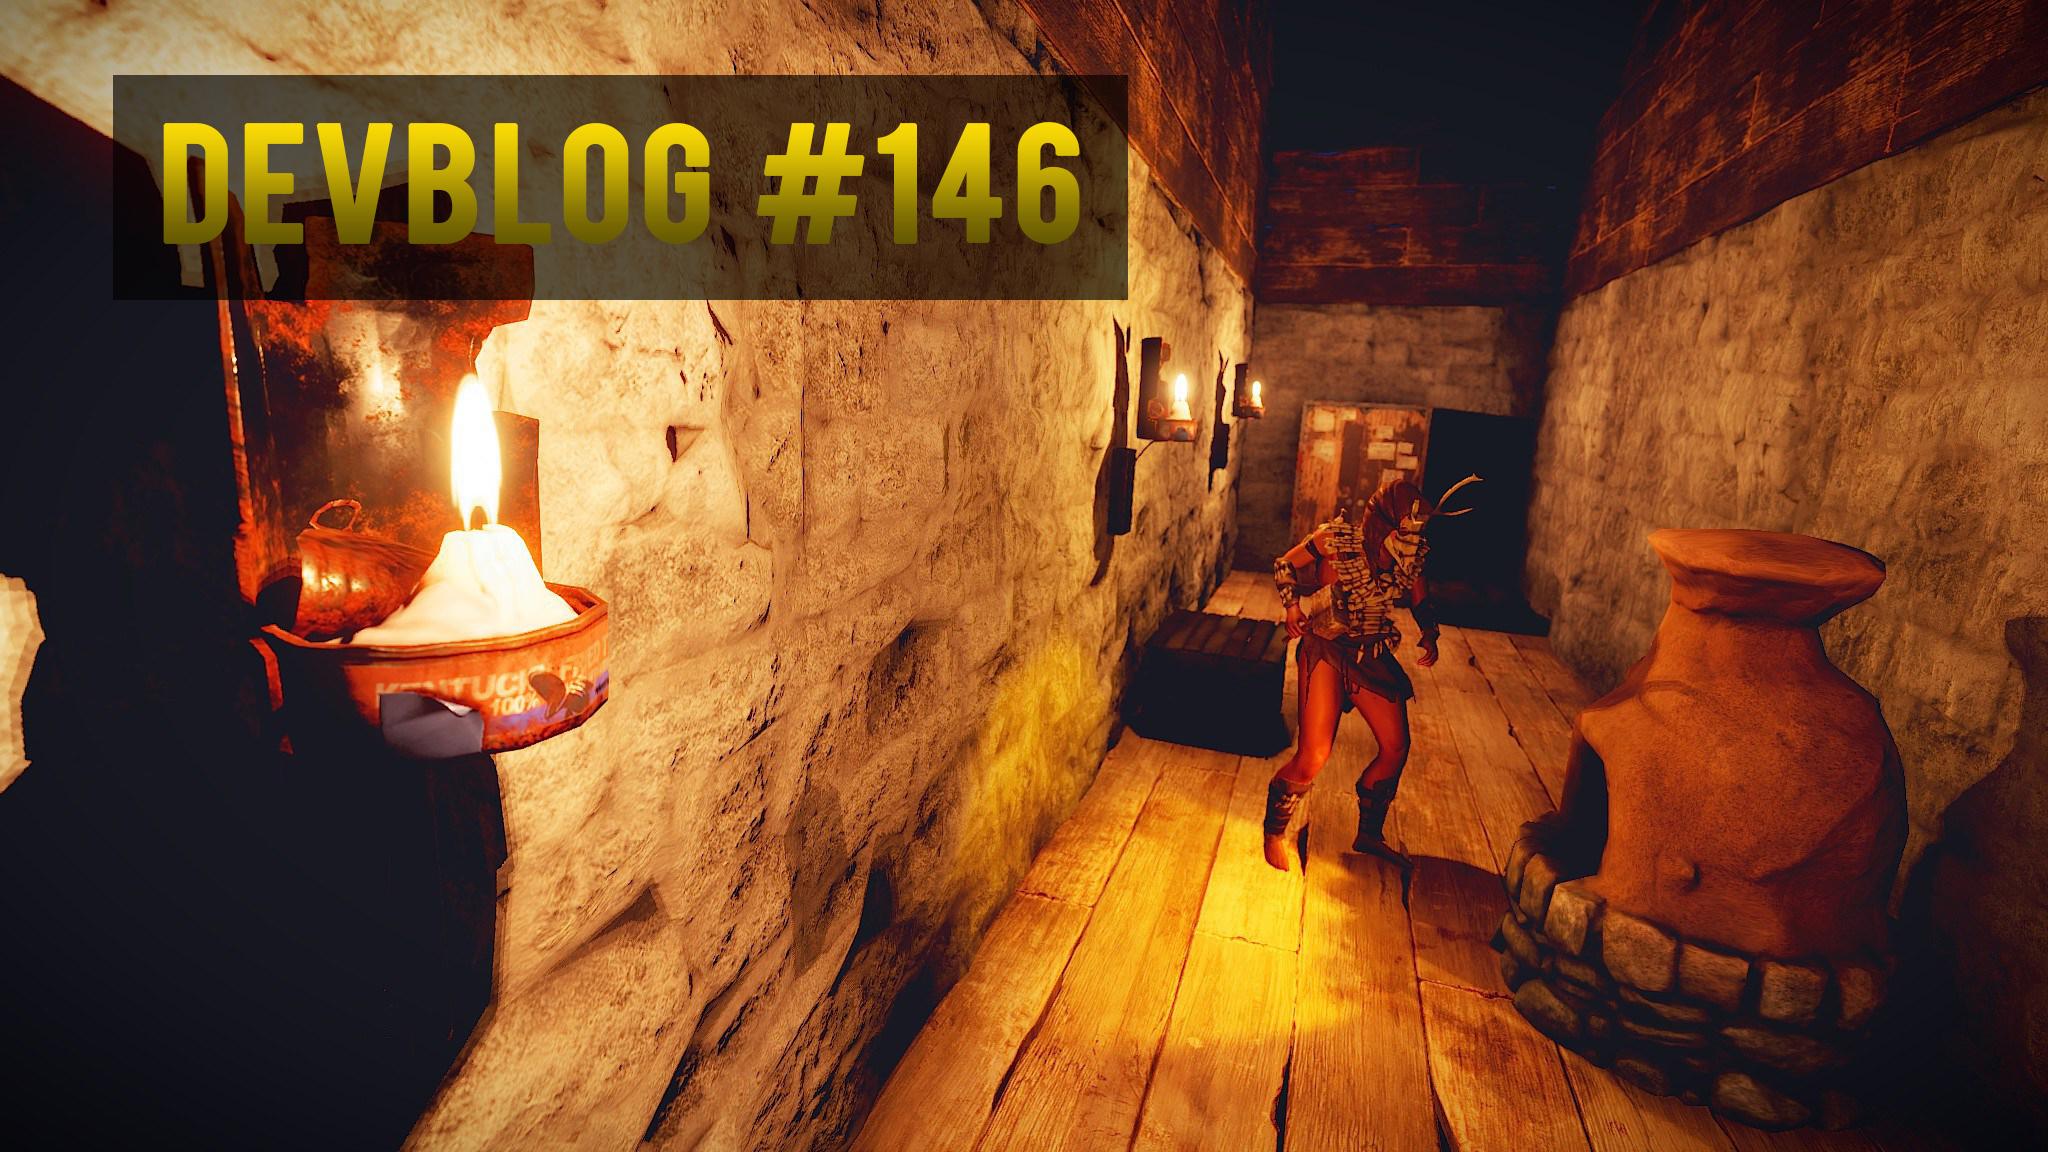 Devblog 146